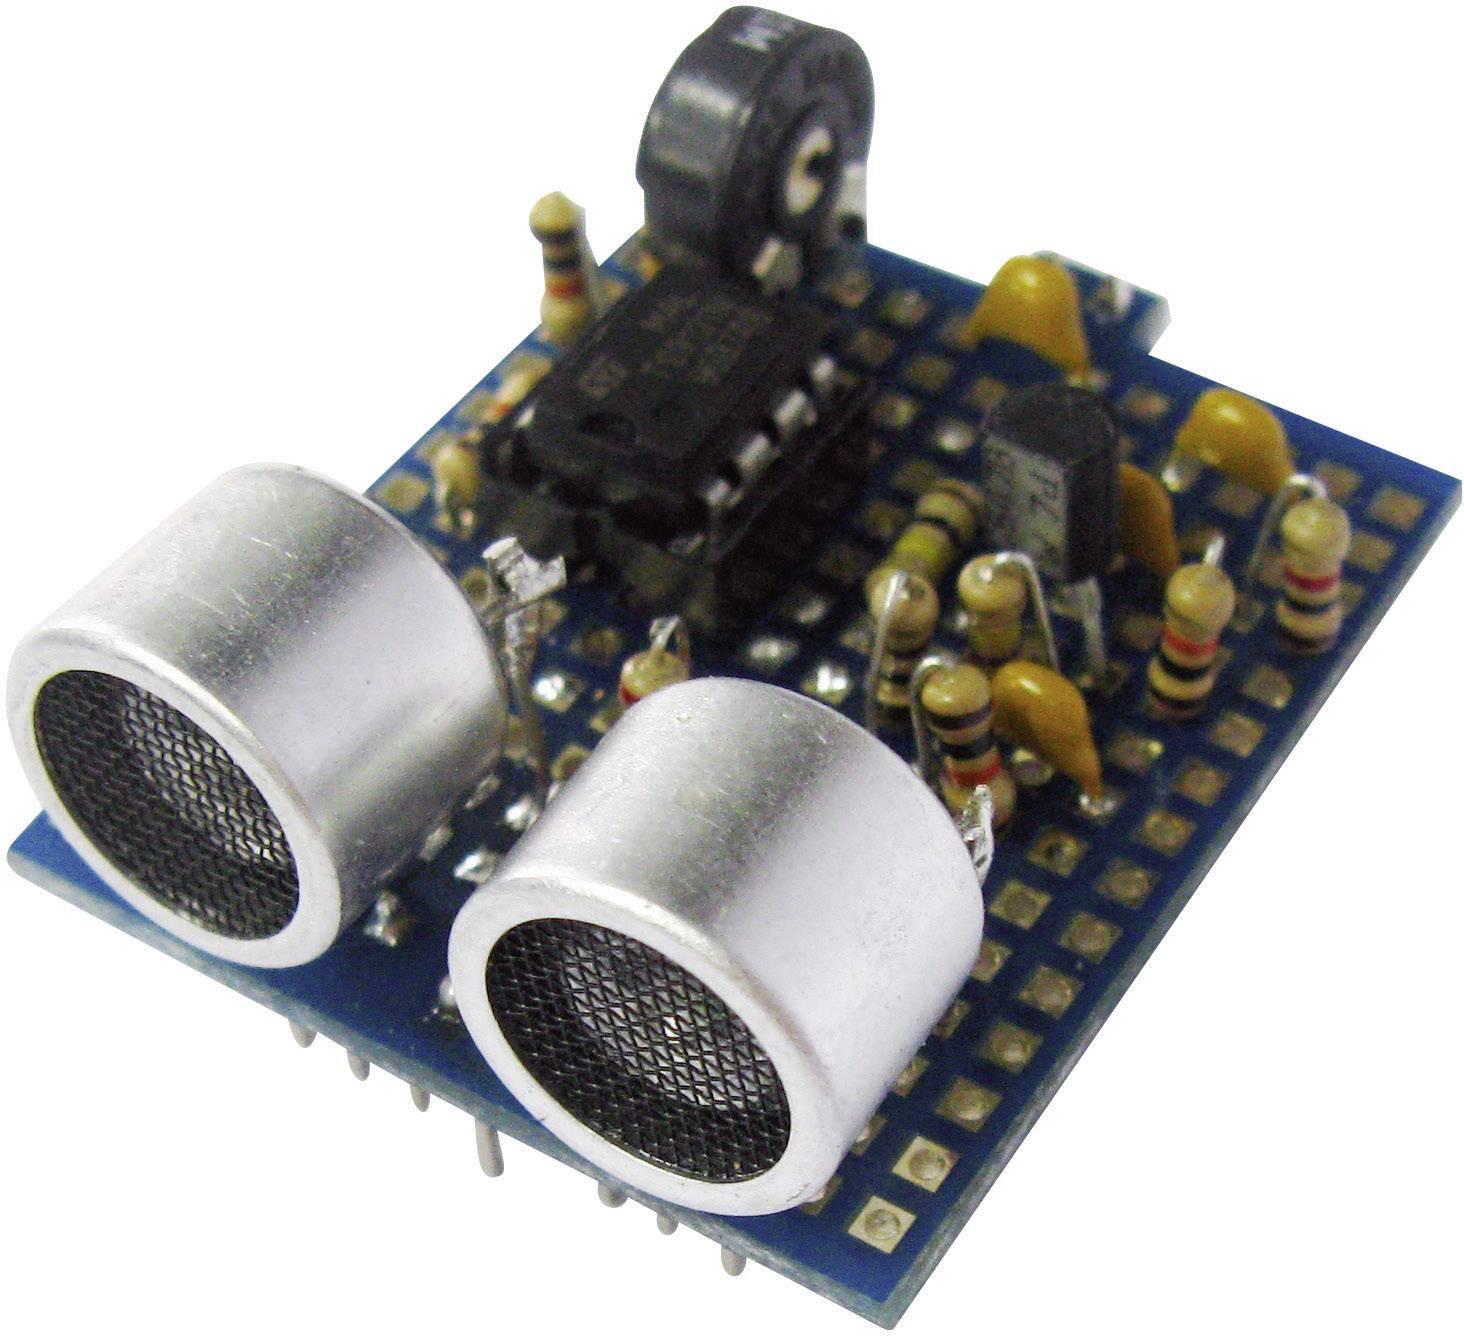 Ultrazvukové senzory ARX-ULT10 pro robota Arexx Asuro ARX-03